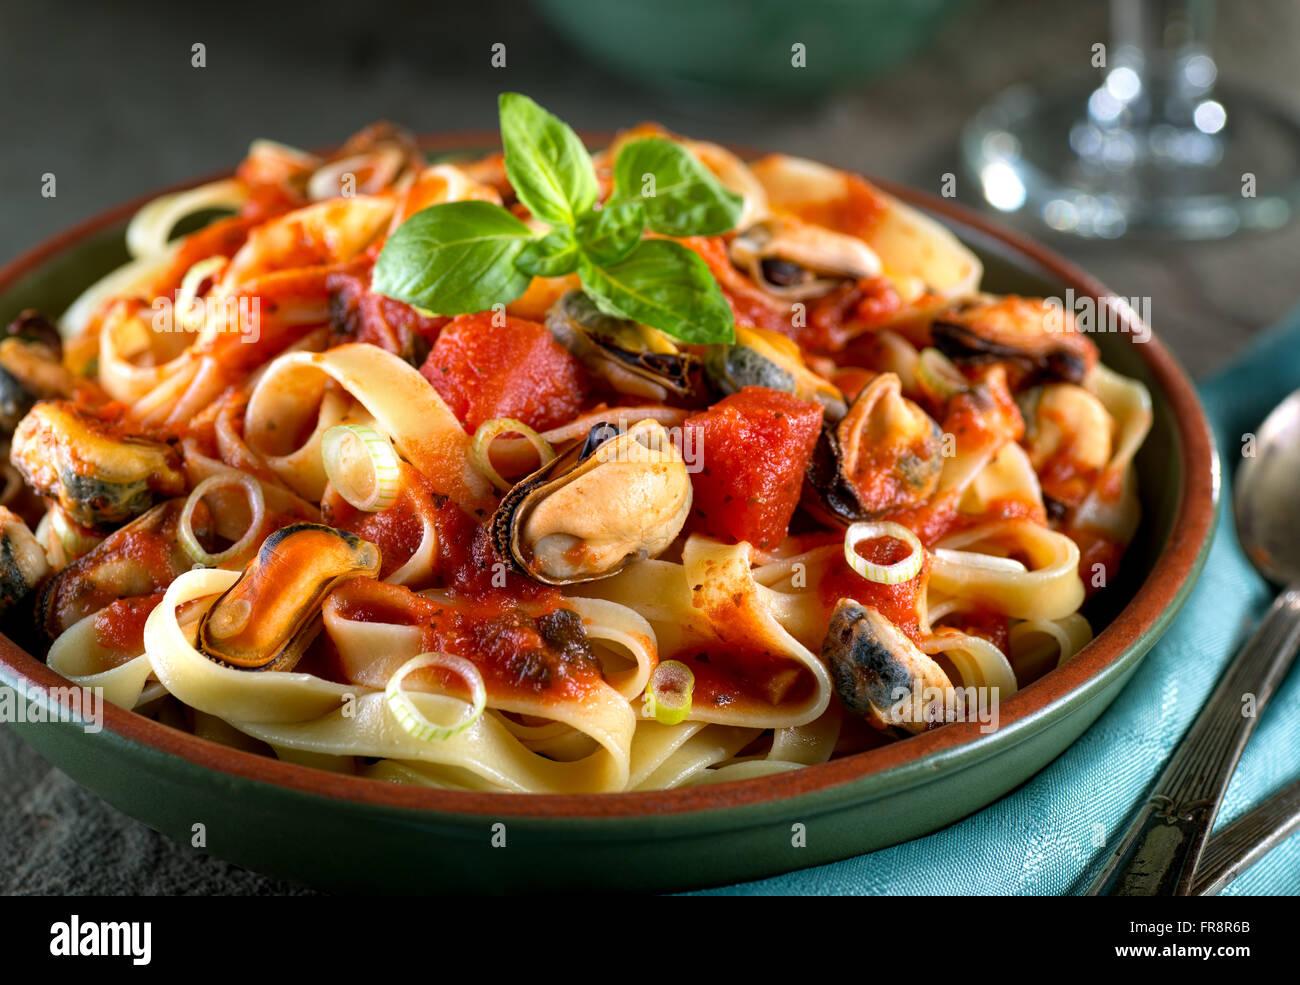 Délicieux plats de pâtes aux moules dans le basilic sauce marinara. Banque D'Images